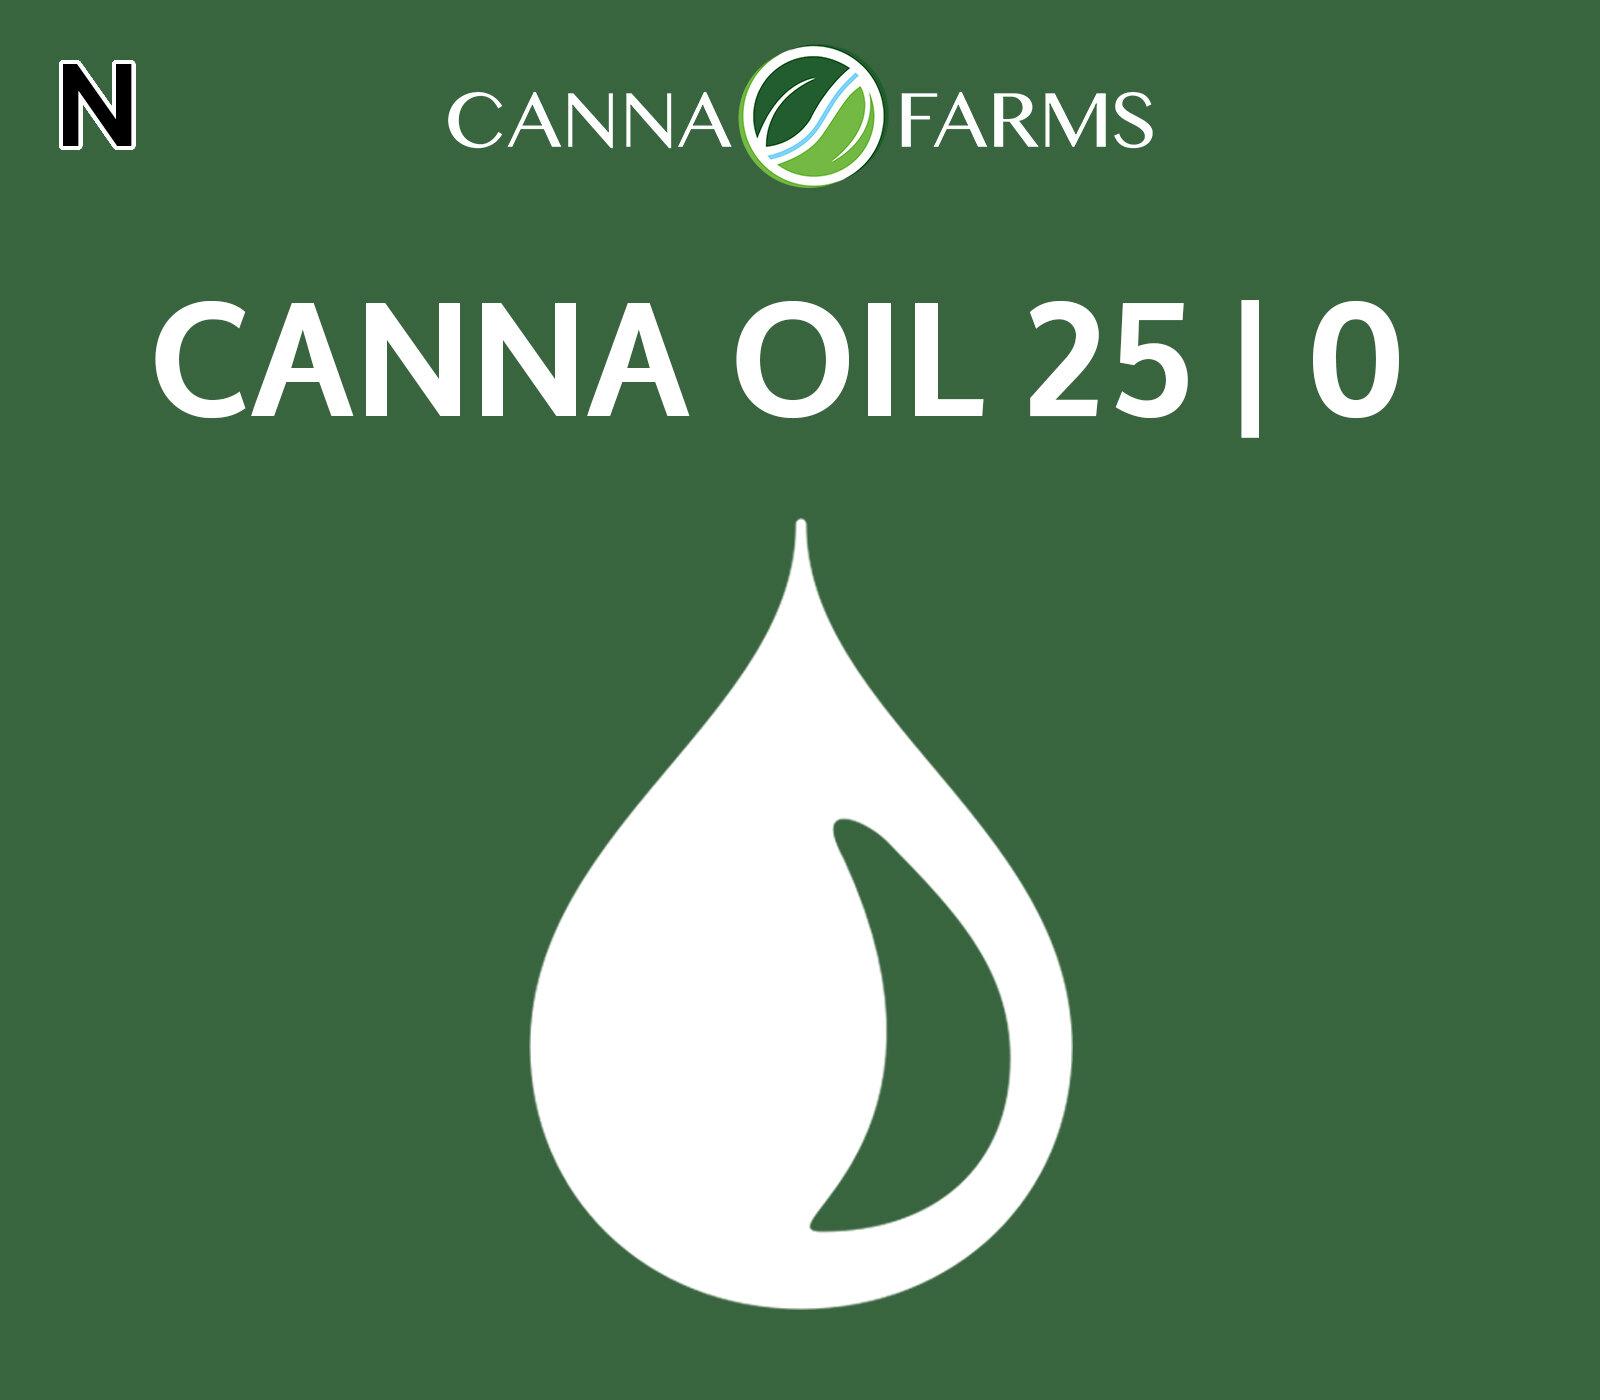 CANNA-OIL-25-0.jpg